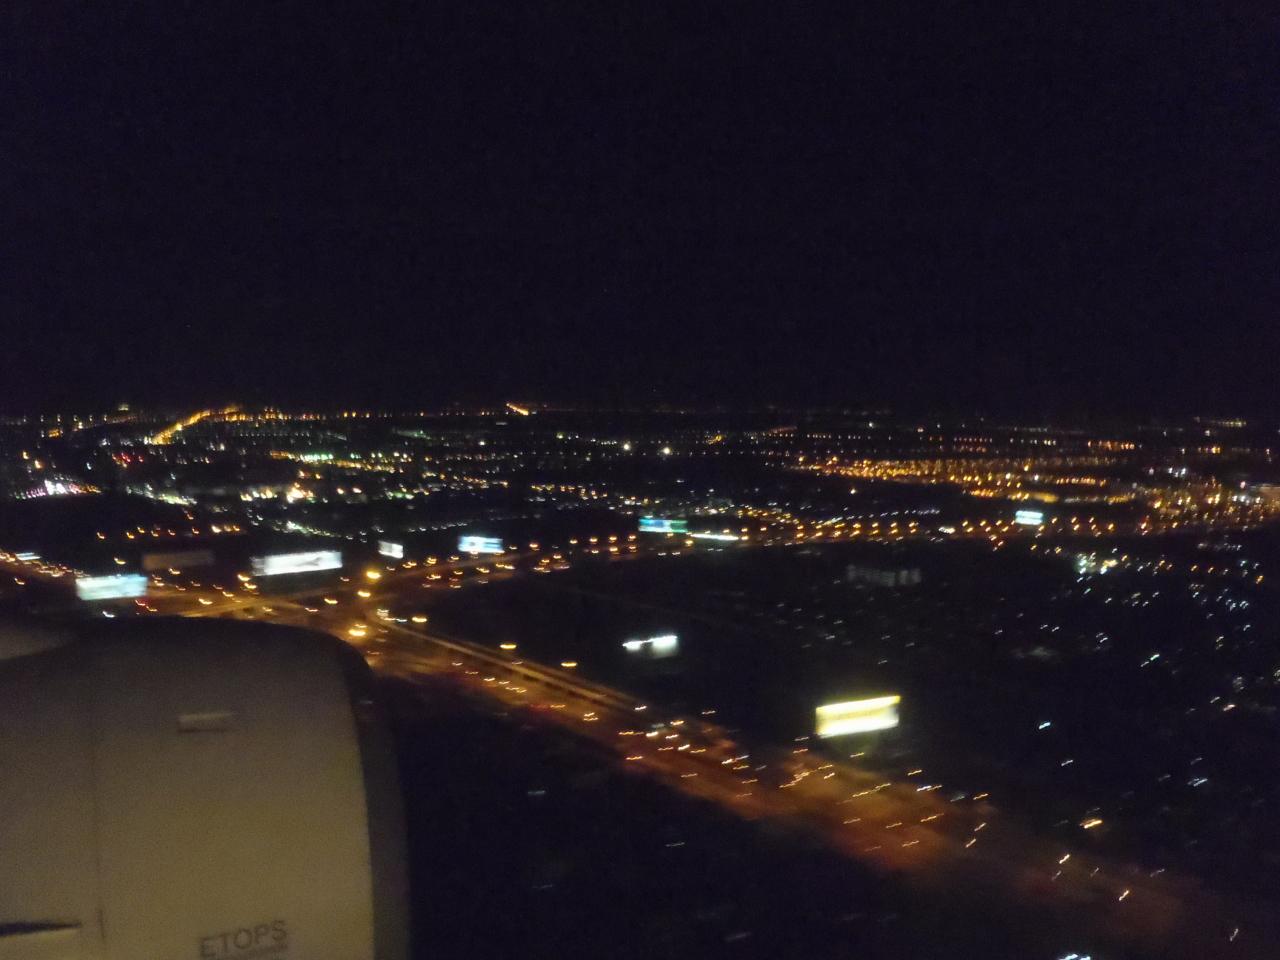 Bangkok at night from above